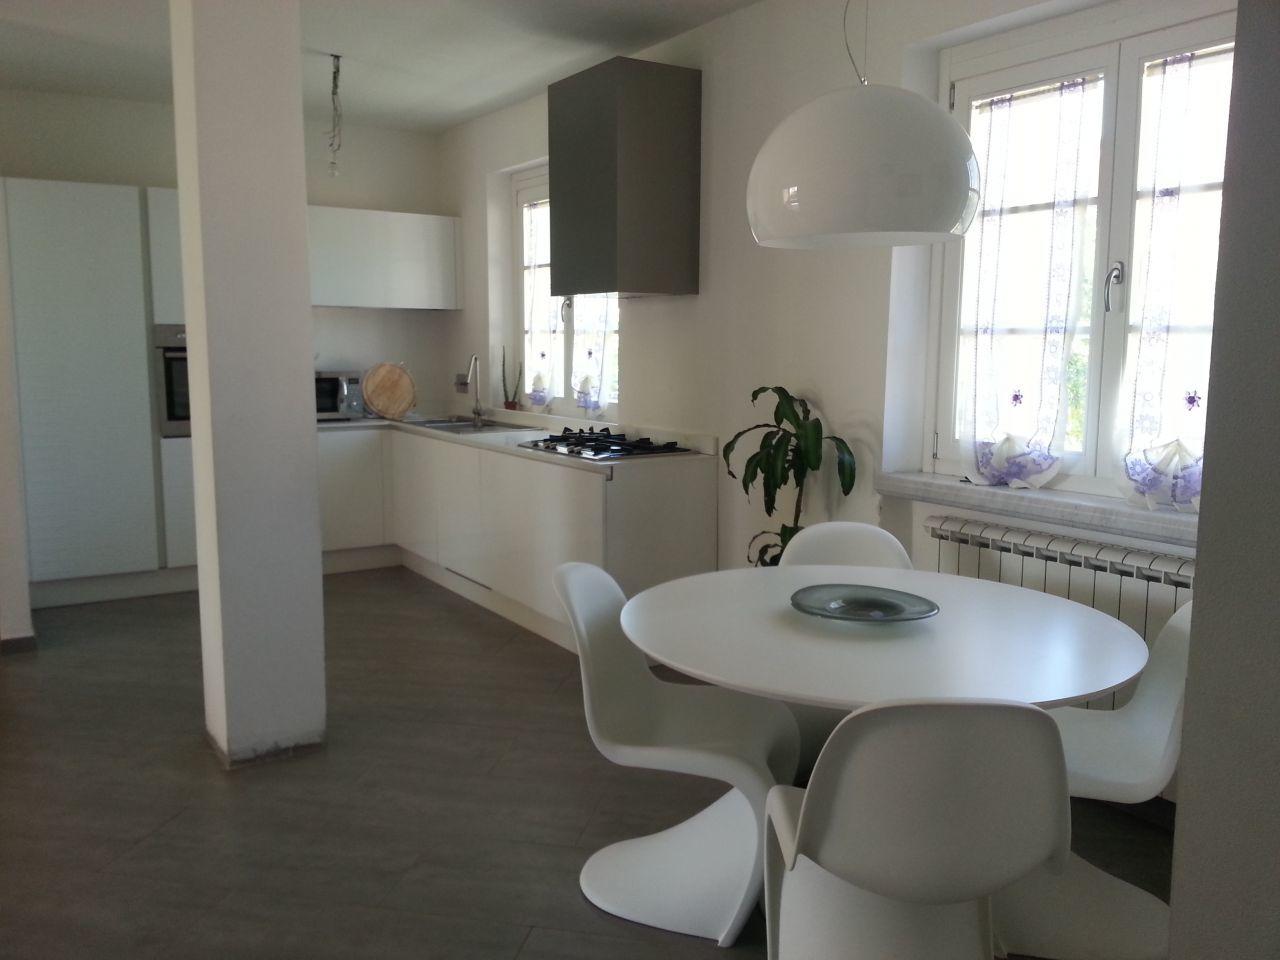 Casa indipendente 5 locali in vendita a Ortonovo (SP)